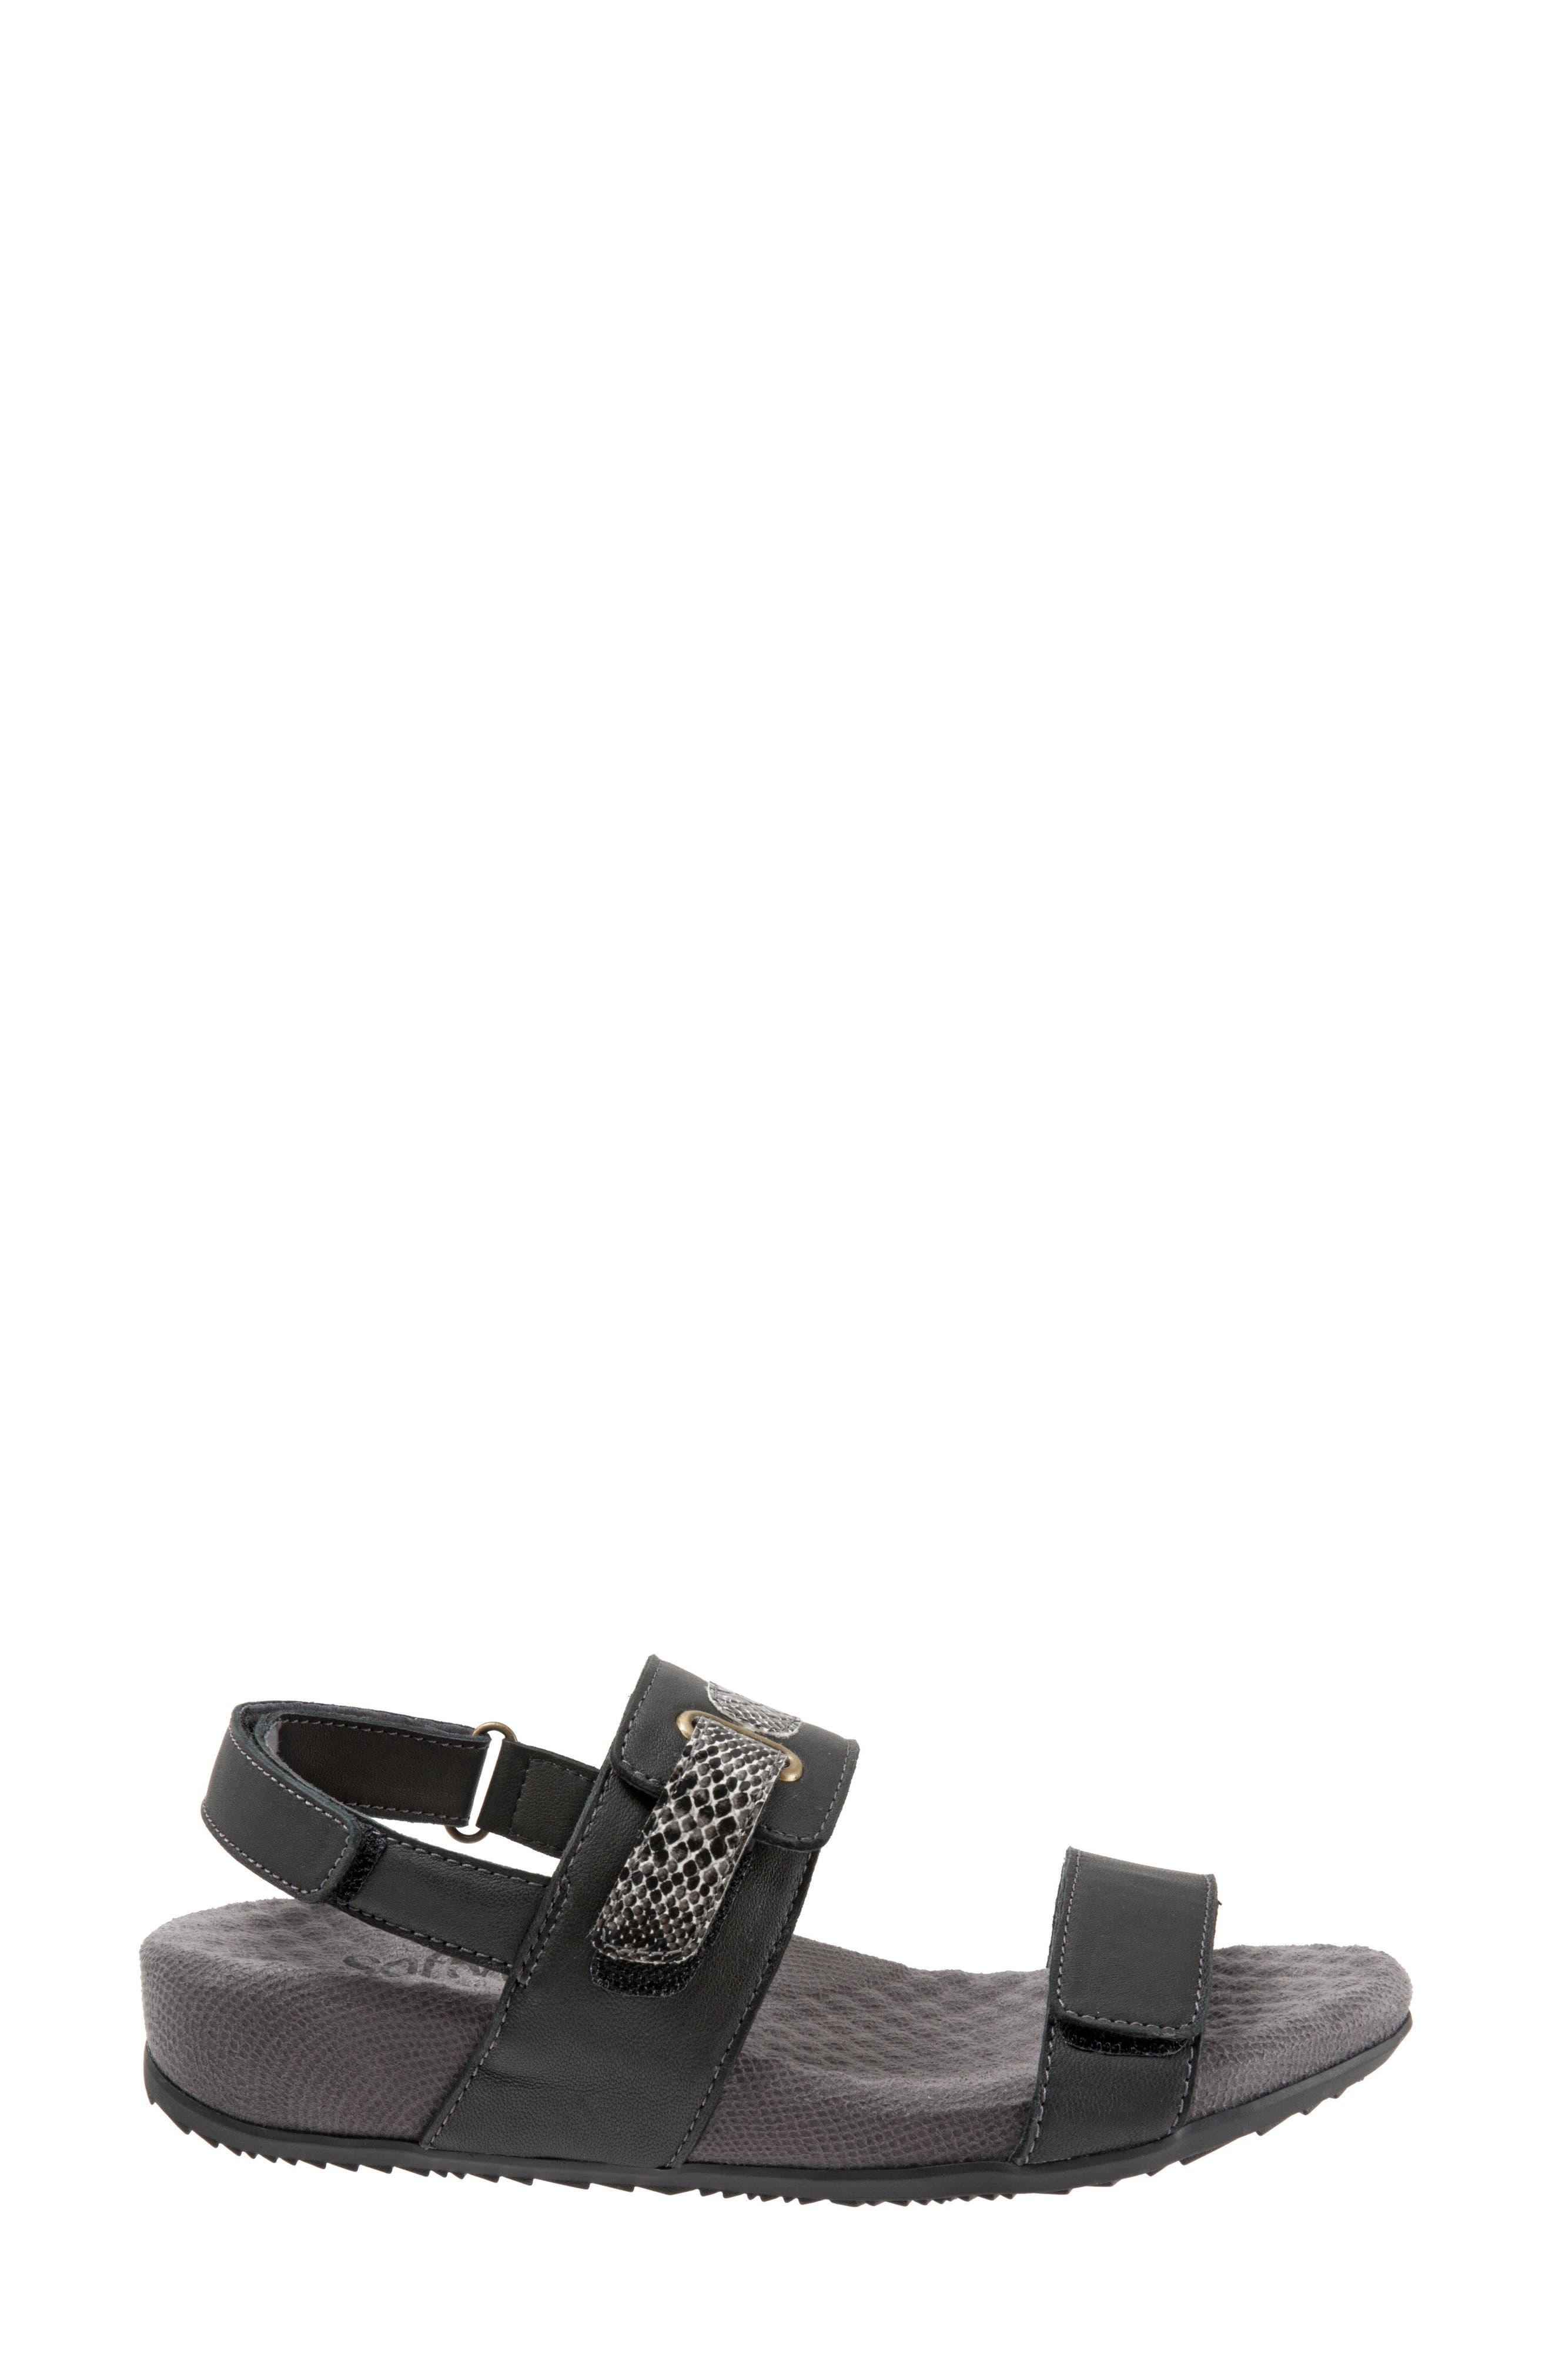 Bimmer Sandal,                             Alternate thumbnail 3, color,                             BLACK LEATHER